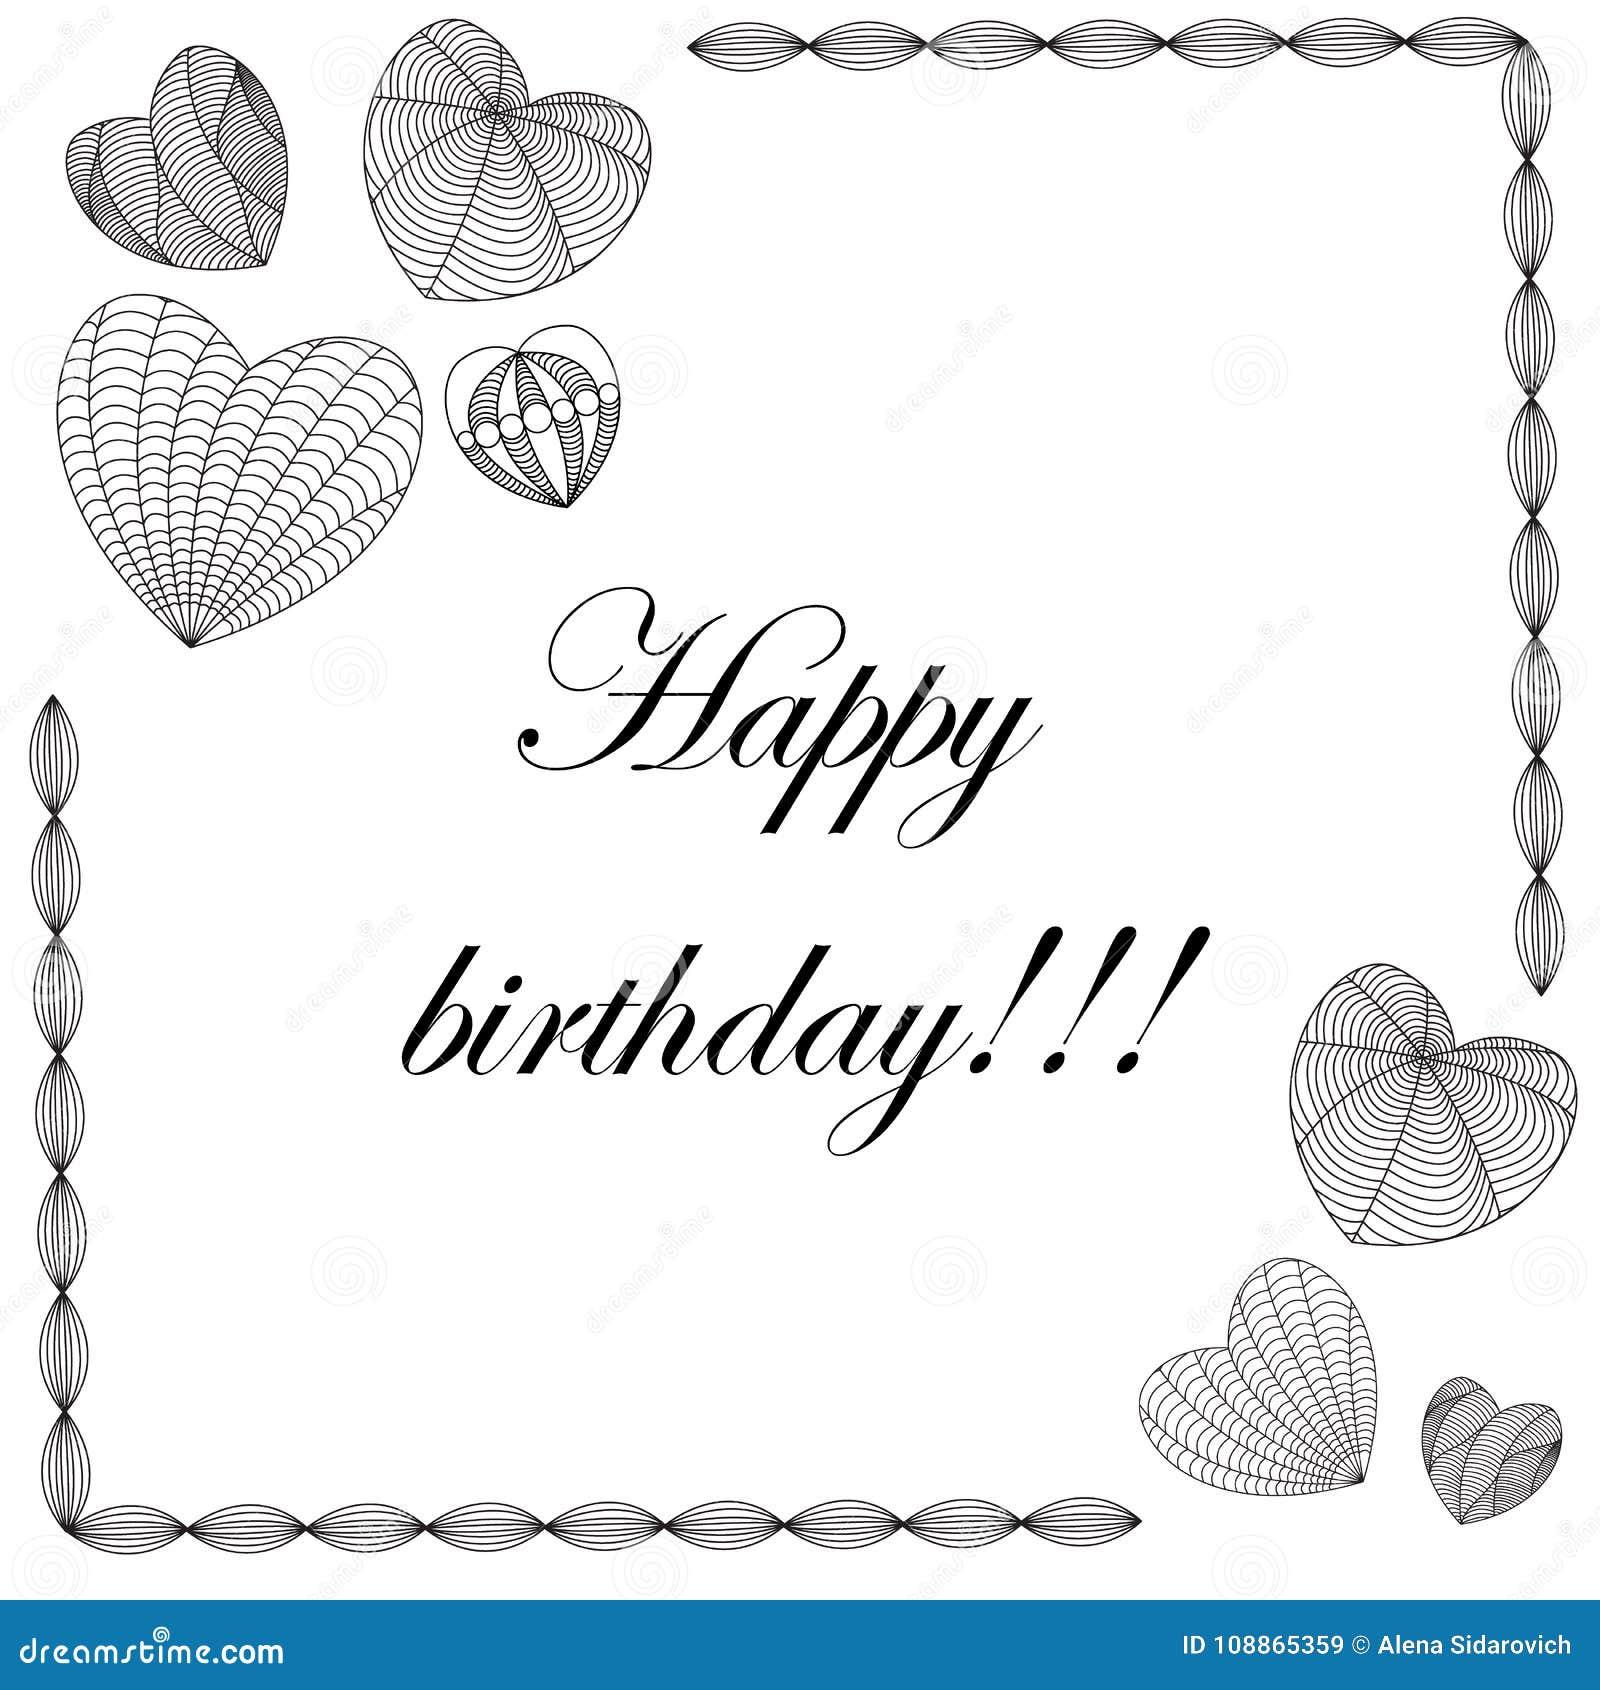 Поздравительая открытка ко дню рождения с днем рождений в стиле zenart, сердцах на белой предпосылке